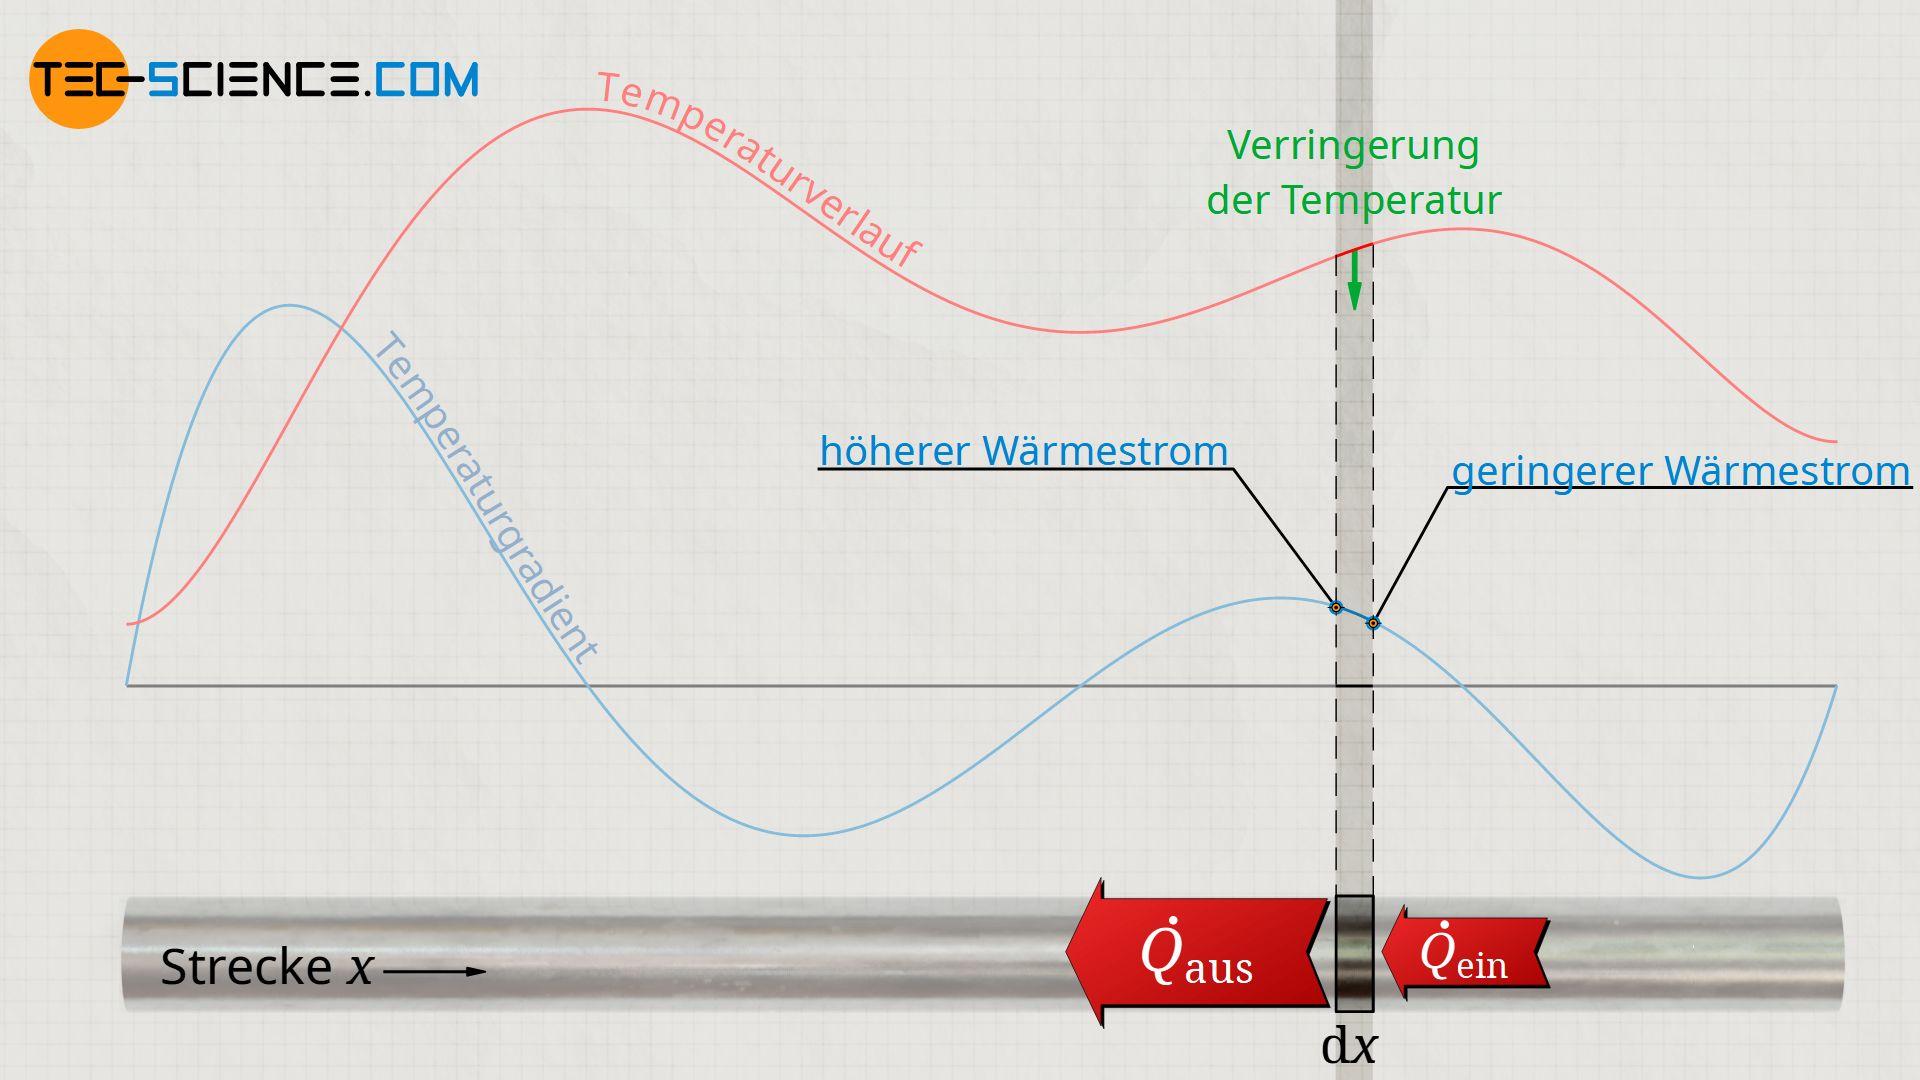 Abnahme der Temperatur durch Abnahme des Temperaturgradienten